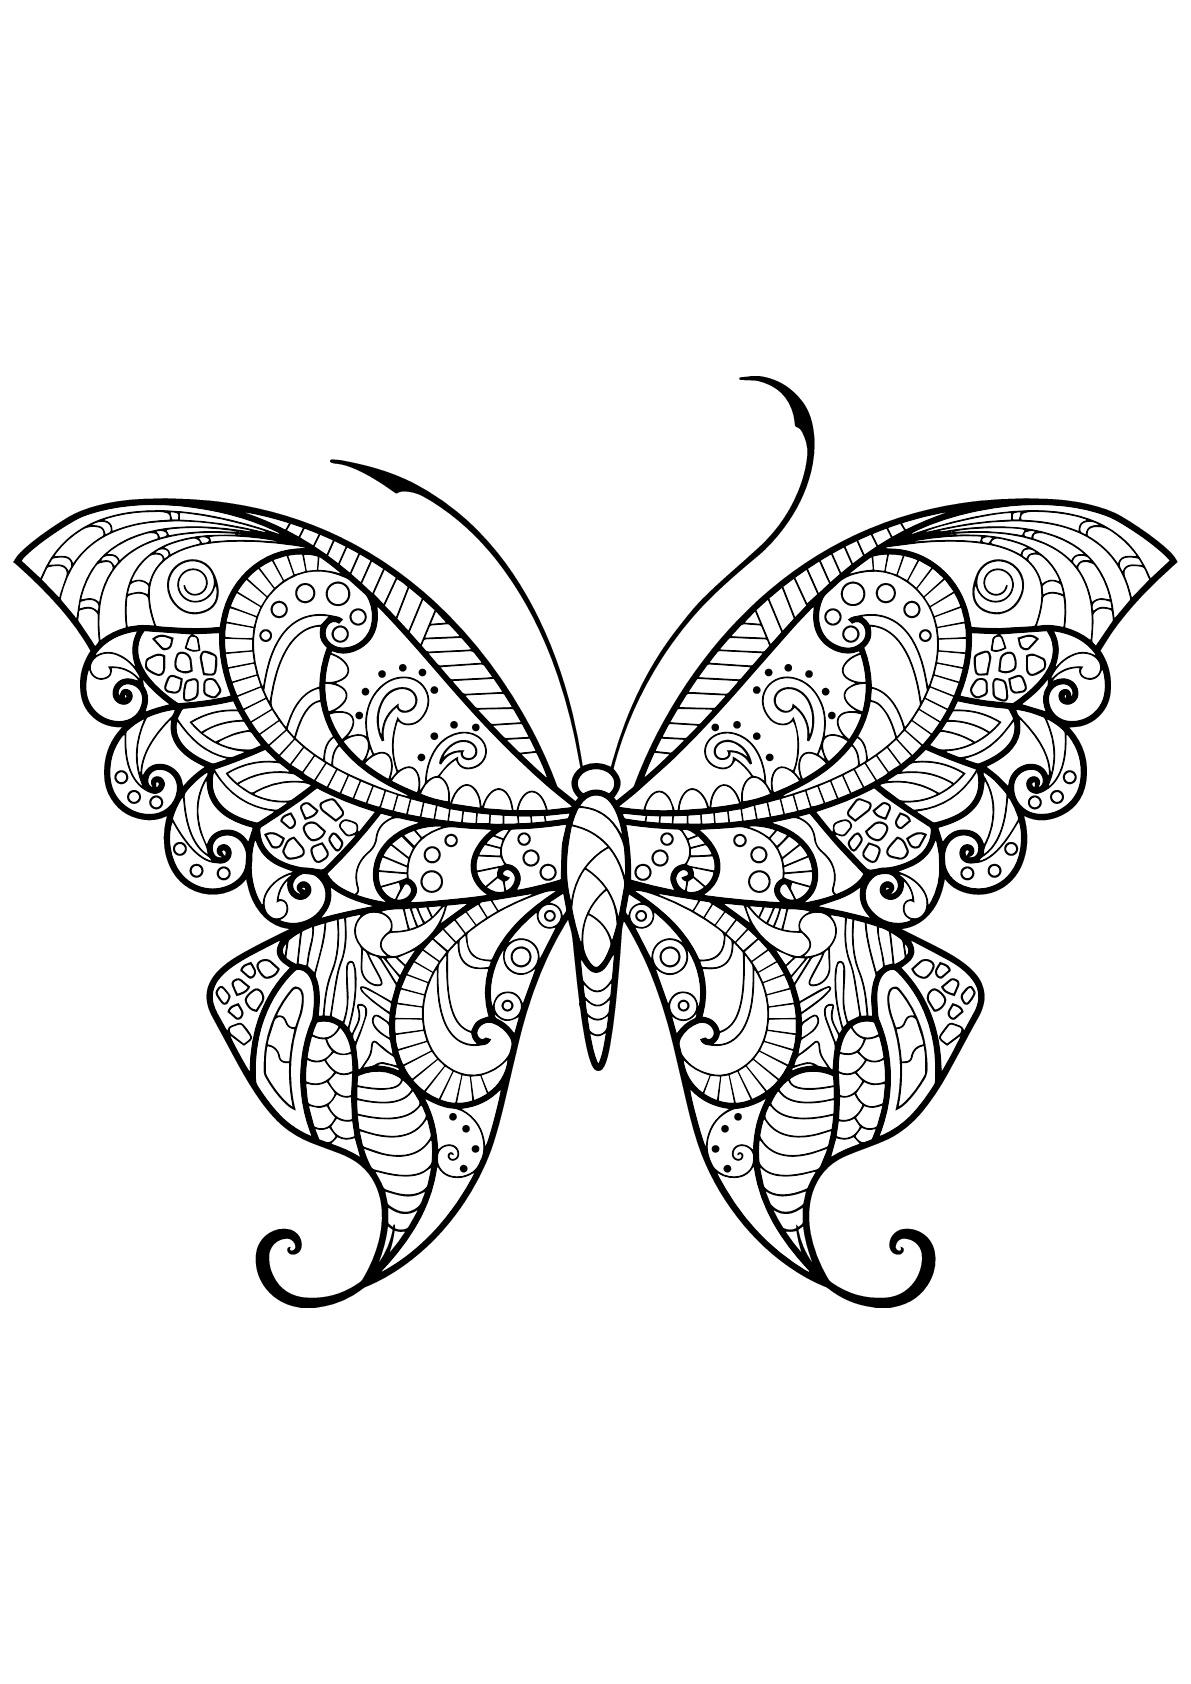 Dessin De Papillons Gratuit À Imprimer Et Colorier dedans Dessin A Imprimer Papillon Gratuit